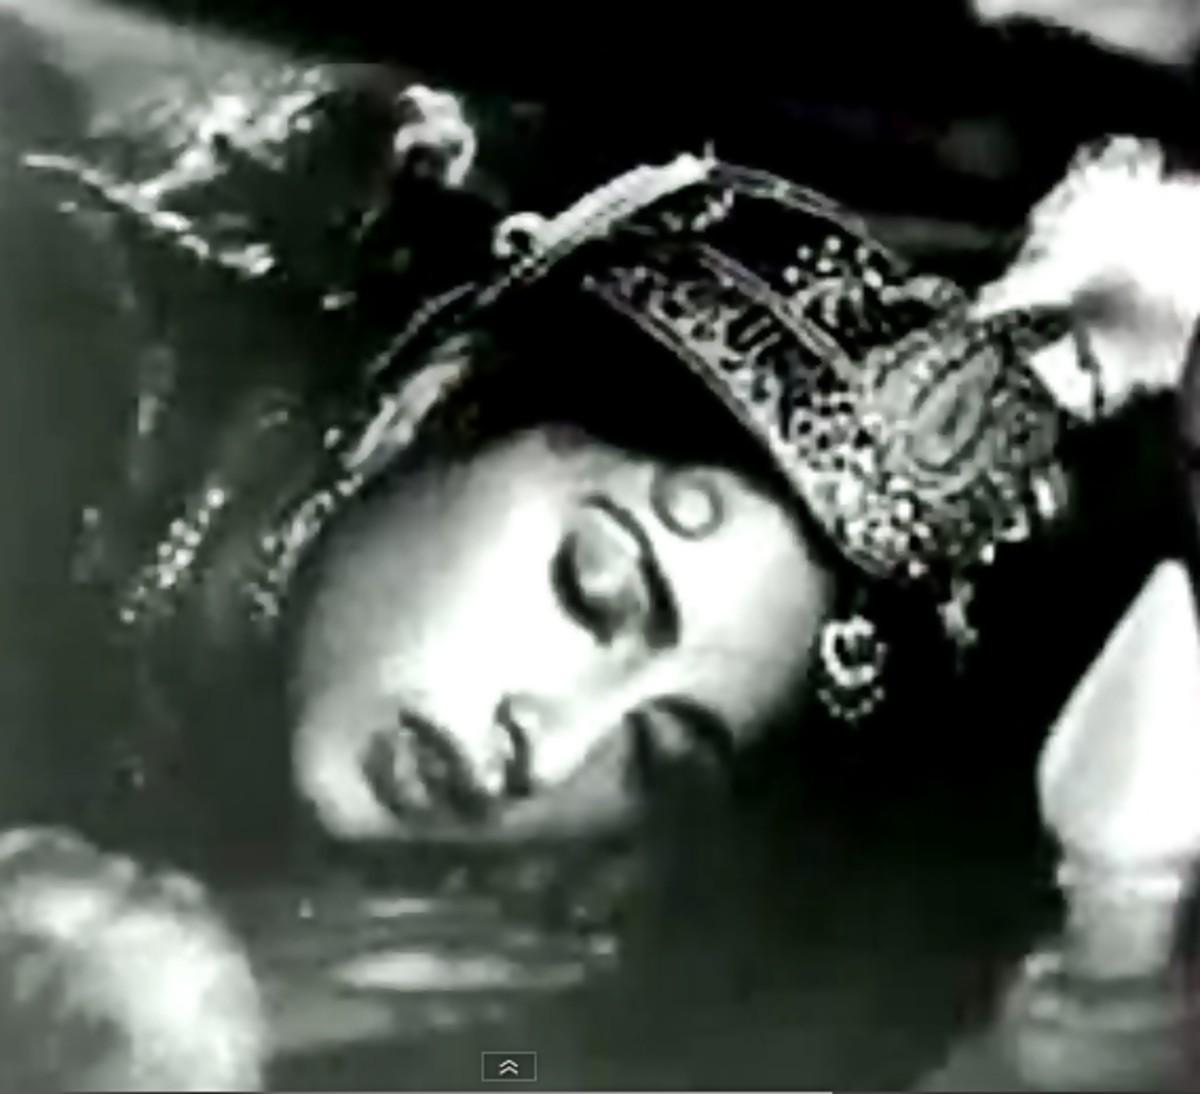 A great duet, based on Raag Bageshwari by Lata Mageshkar & Hemant Kumar